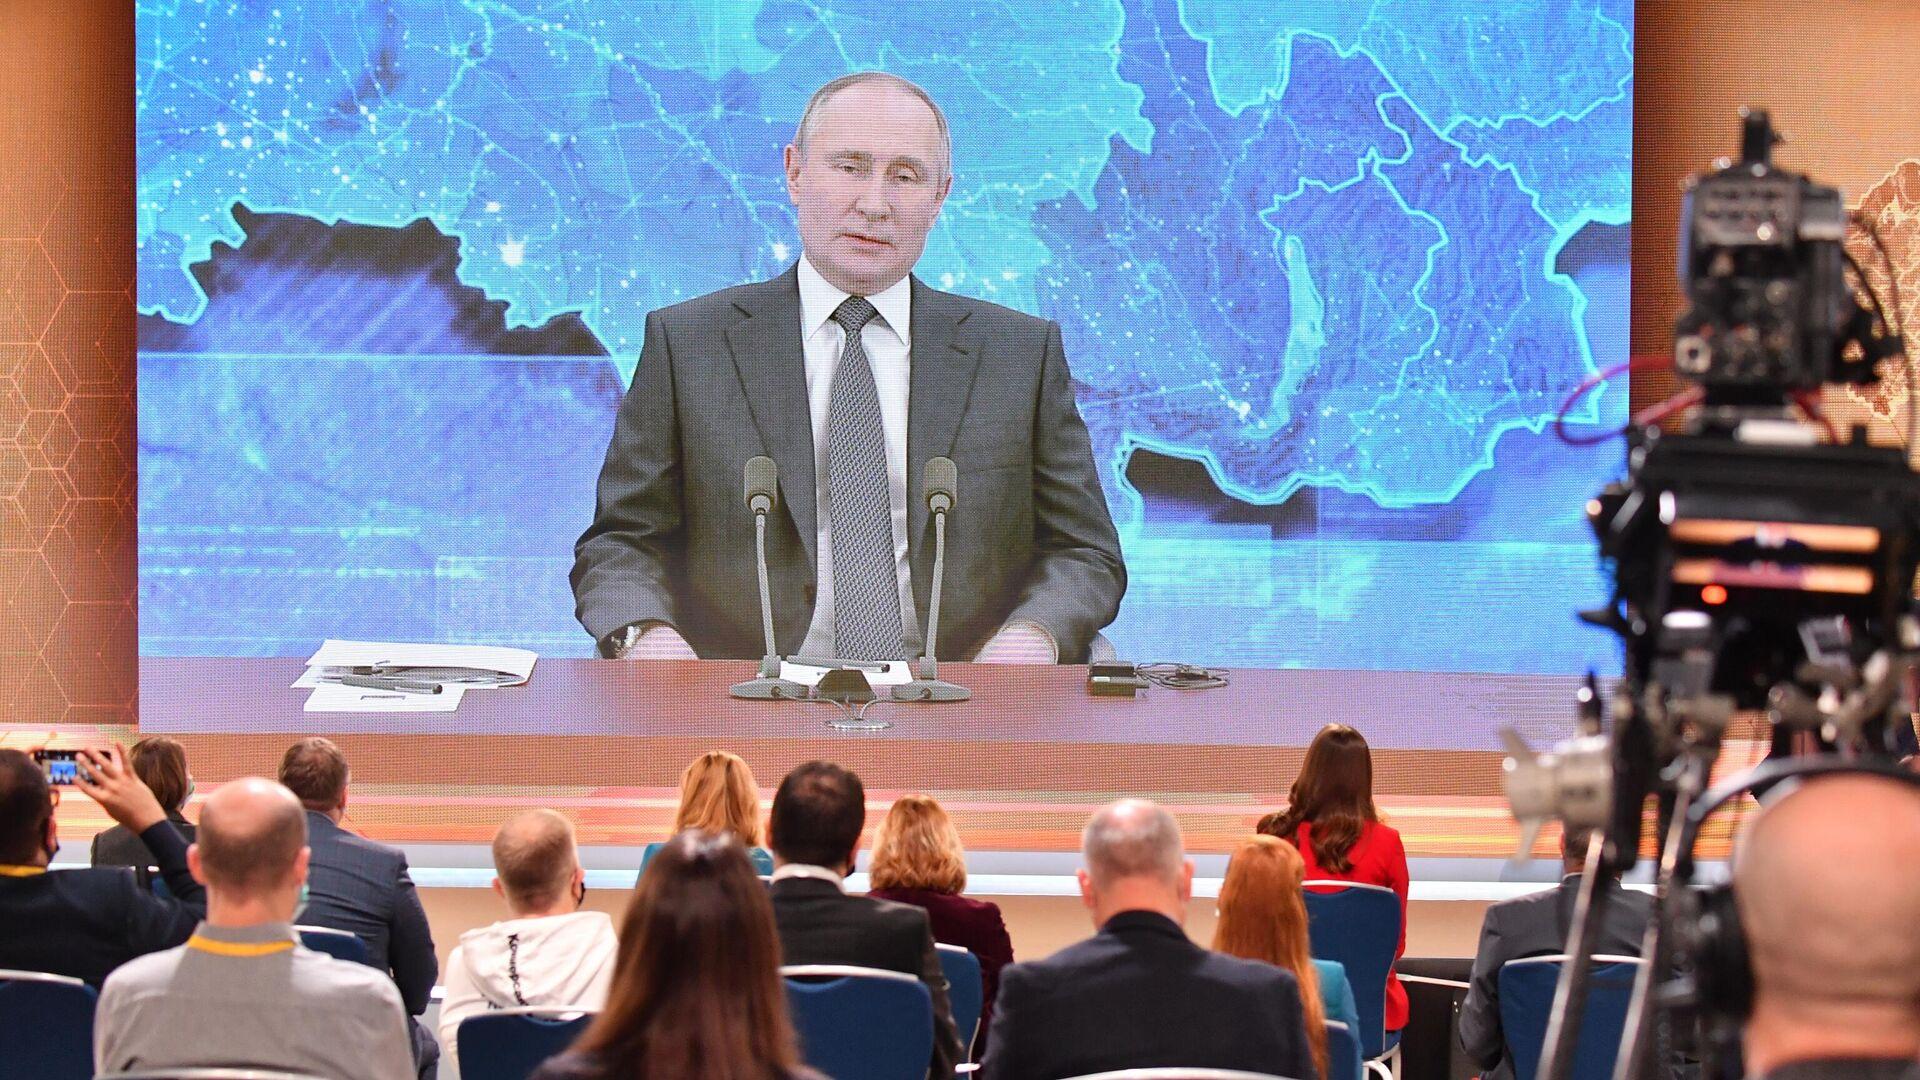 Президент России Владимир Путин в режиме видеоконференции участвует в ежегодной пресс-конференции в Центре международной торговли на Красной Пресне - РИА Новости, 1920, 17.12.2020